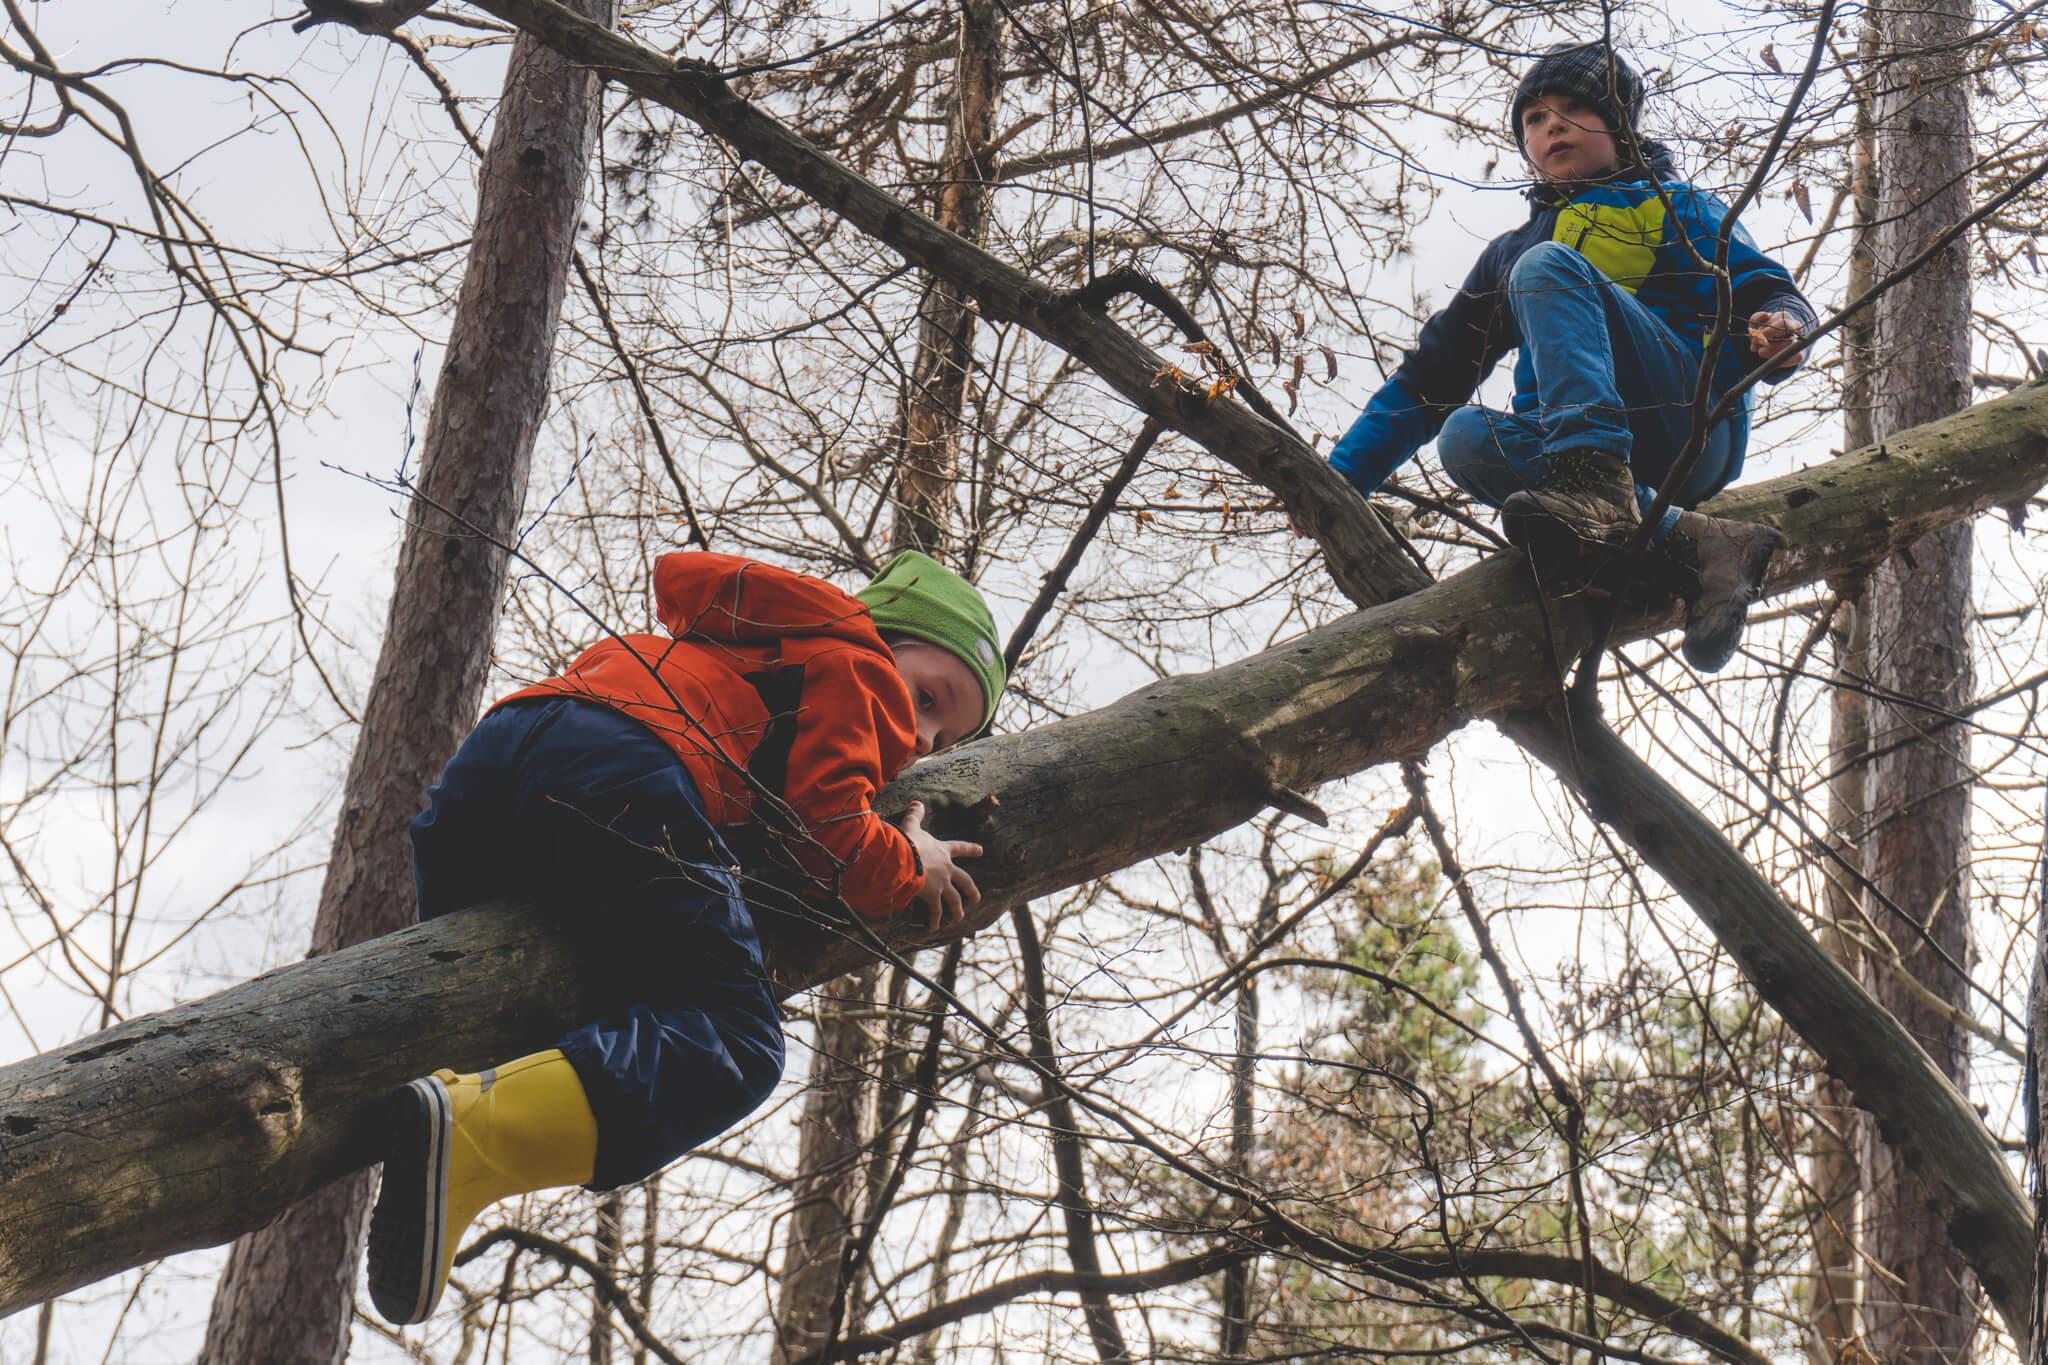 5 gefährliche Dinge, die Dein Kind tun sollte